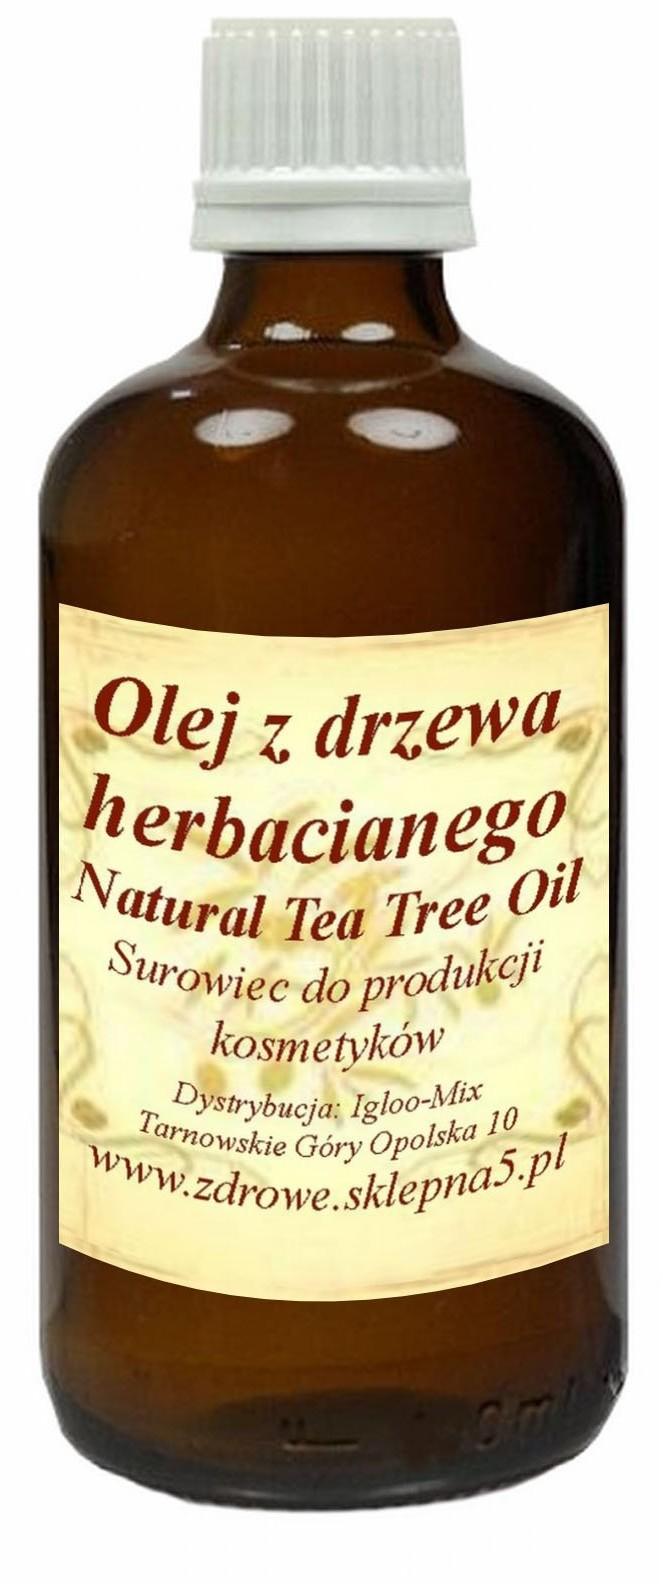 Olej Z Drzewa Herbacianego 50ml - trądzik, łupież